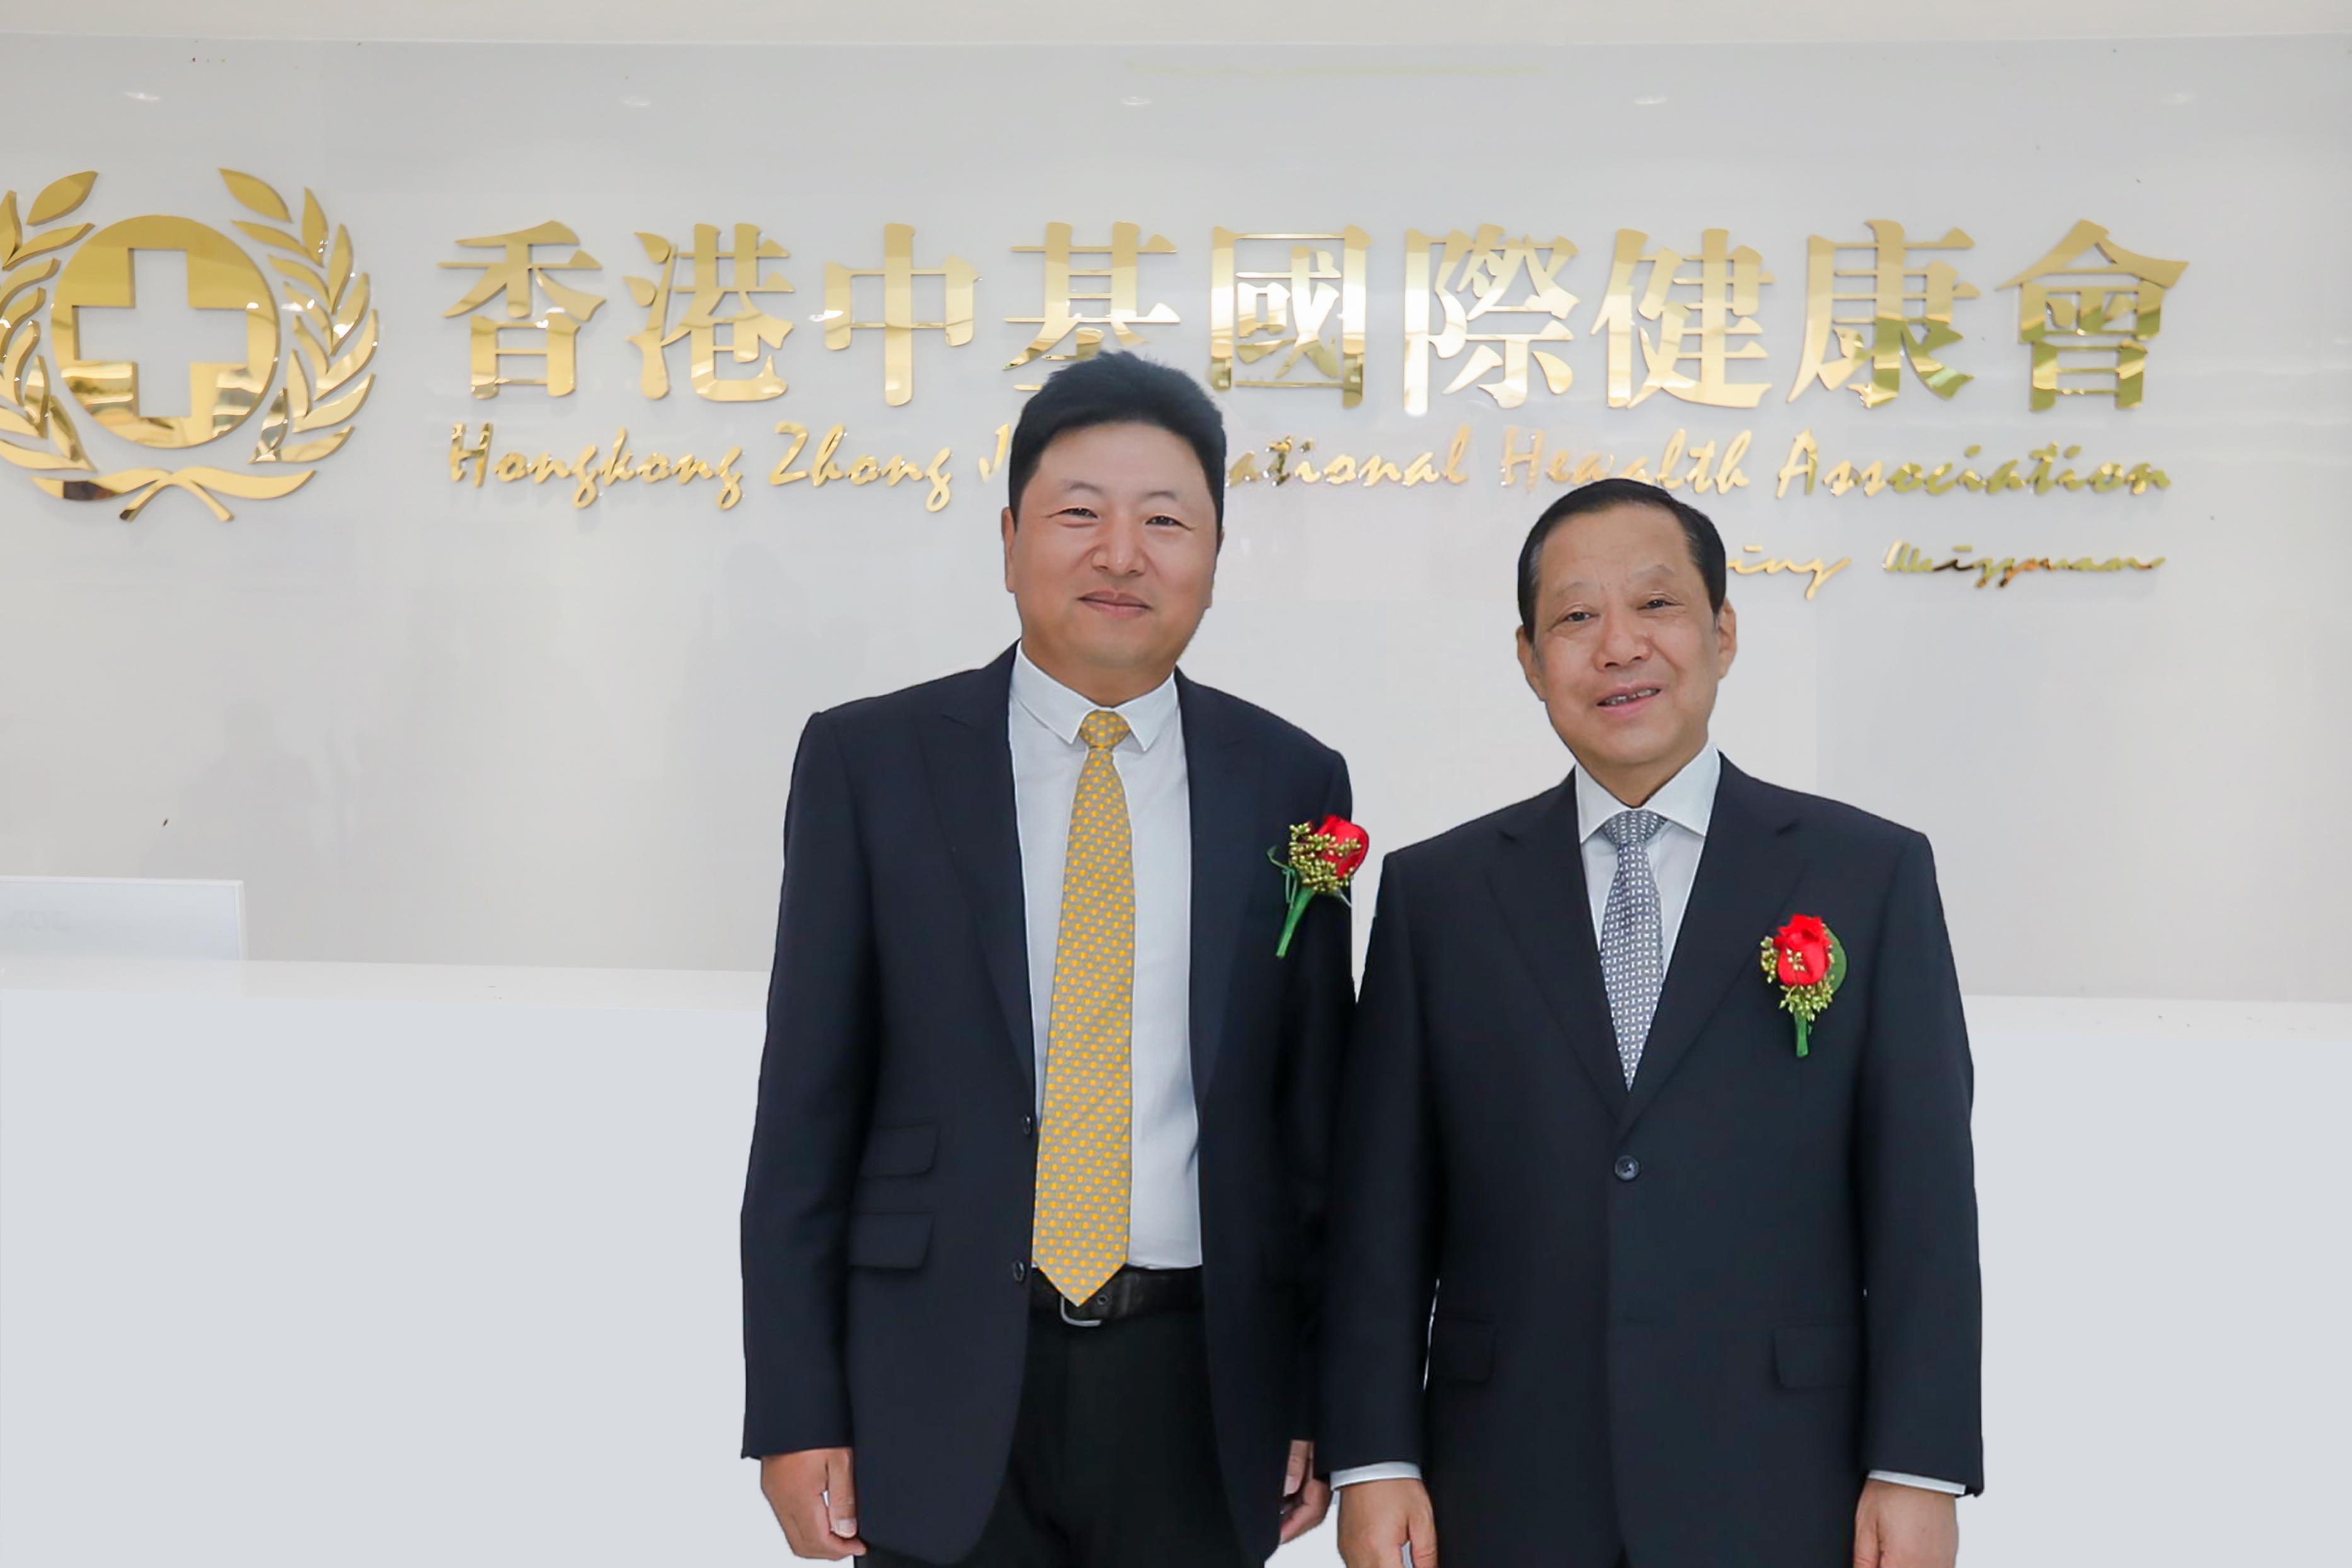 【亚洲综合细胞库创始人闫立先生(左)第十二届全国政协原副主席刘晓峰主席(右)合影】